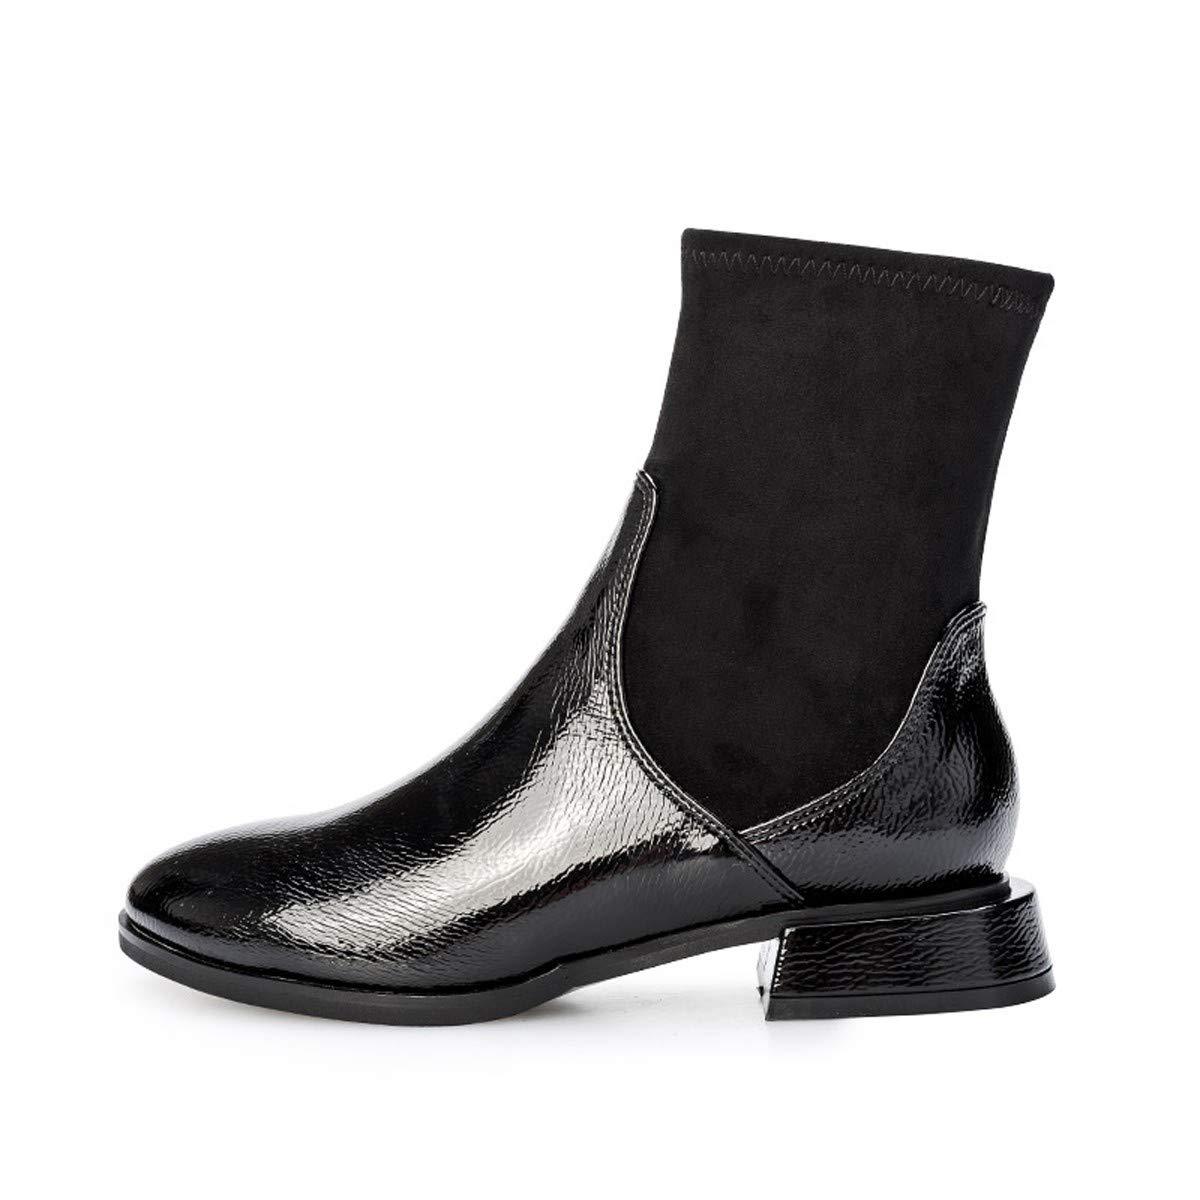 KOKQSX-fondo piatto martin gli stivali joker testa rotonda donne calzini calzini calzini stivali 36 nero 22babb